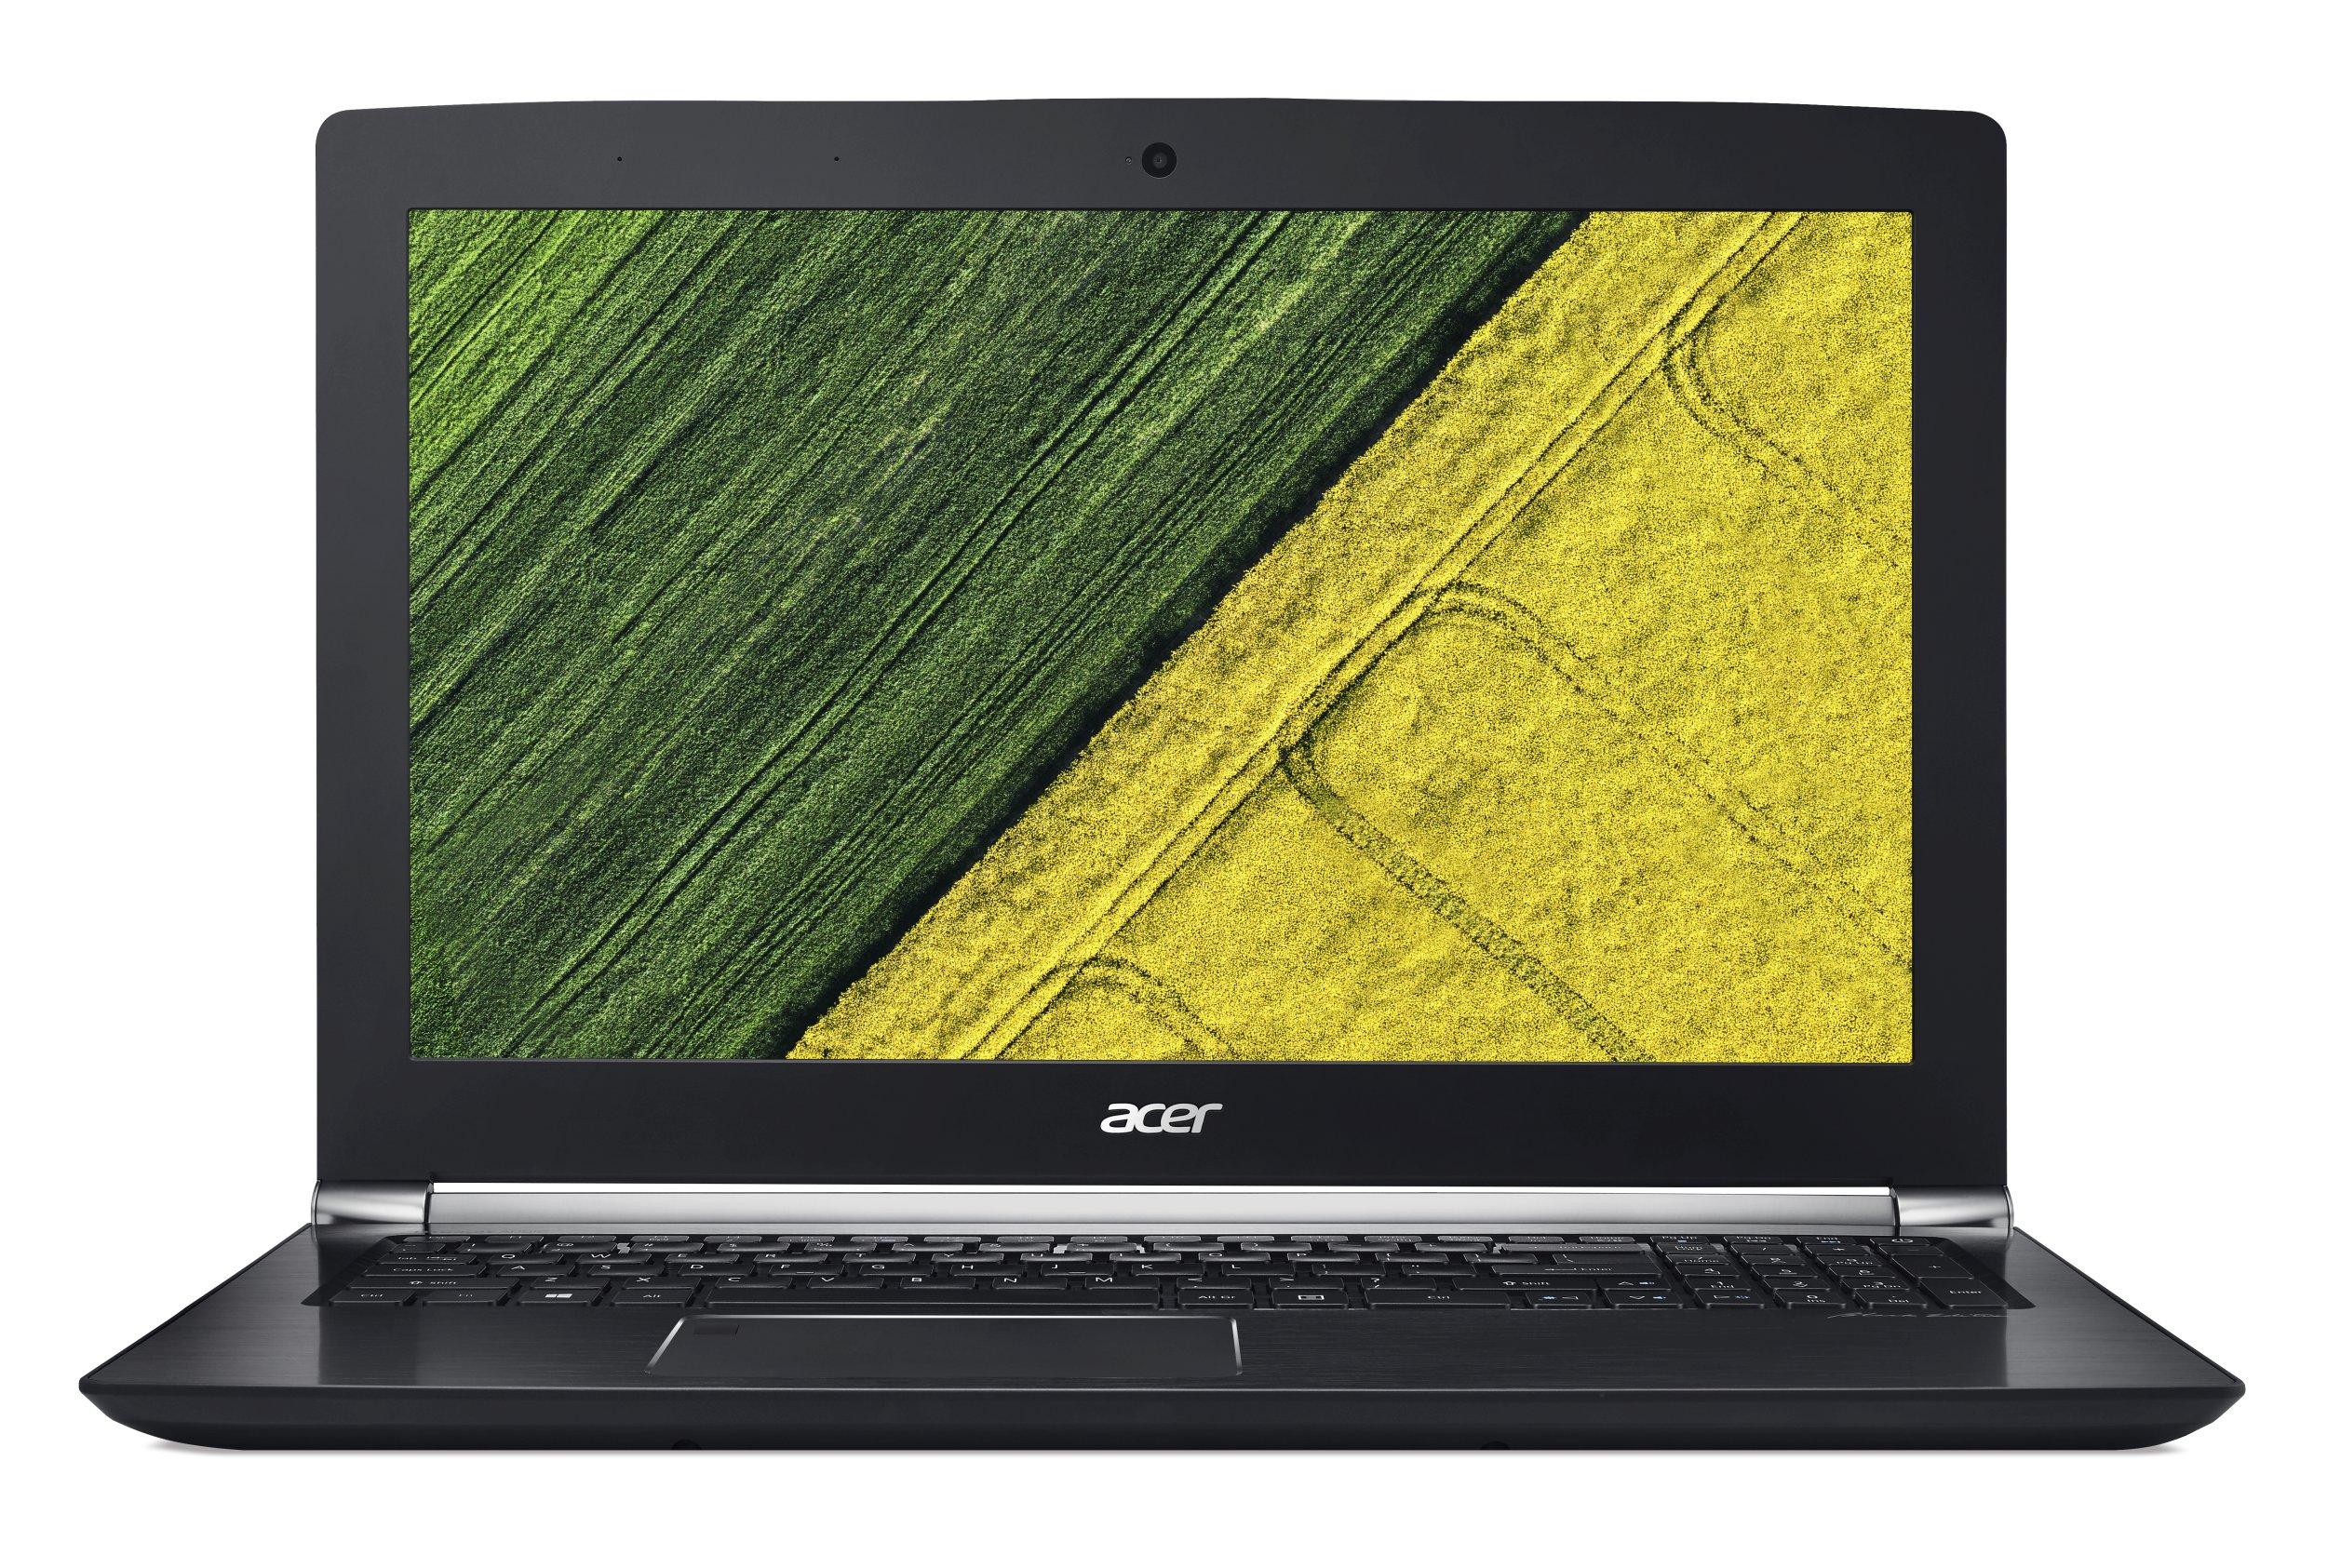 """Obrázok produktu Acer Aspire V15 Nitro - 15, 6""""/ i7-7700HQ/ 2*8G/ 256SSD+1TB/ GTX1060/ W10 černý"""